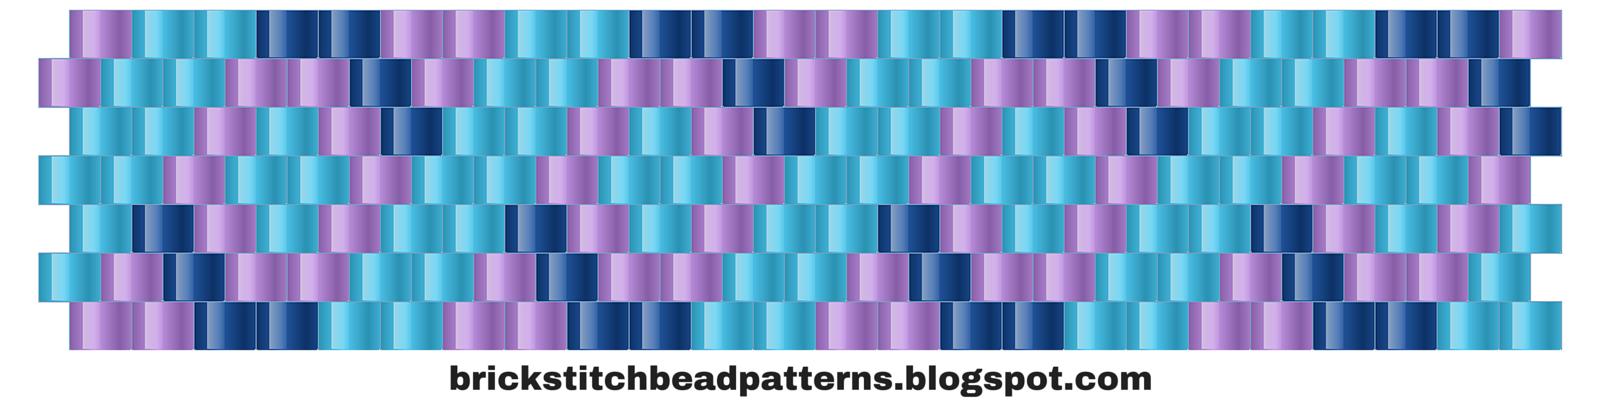 brick stitch bead patterns journal 4 free brick stitch